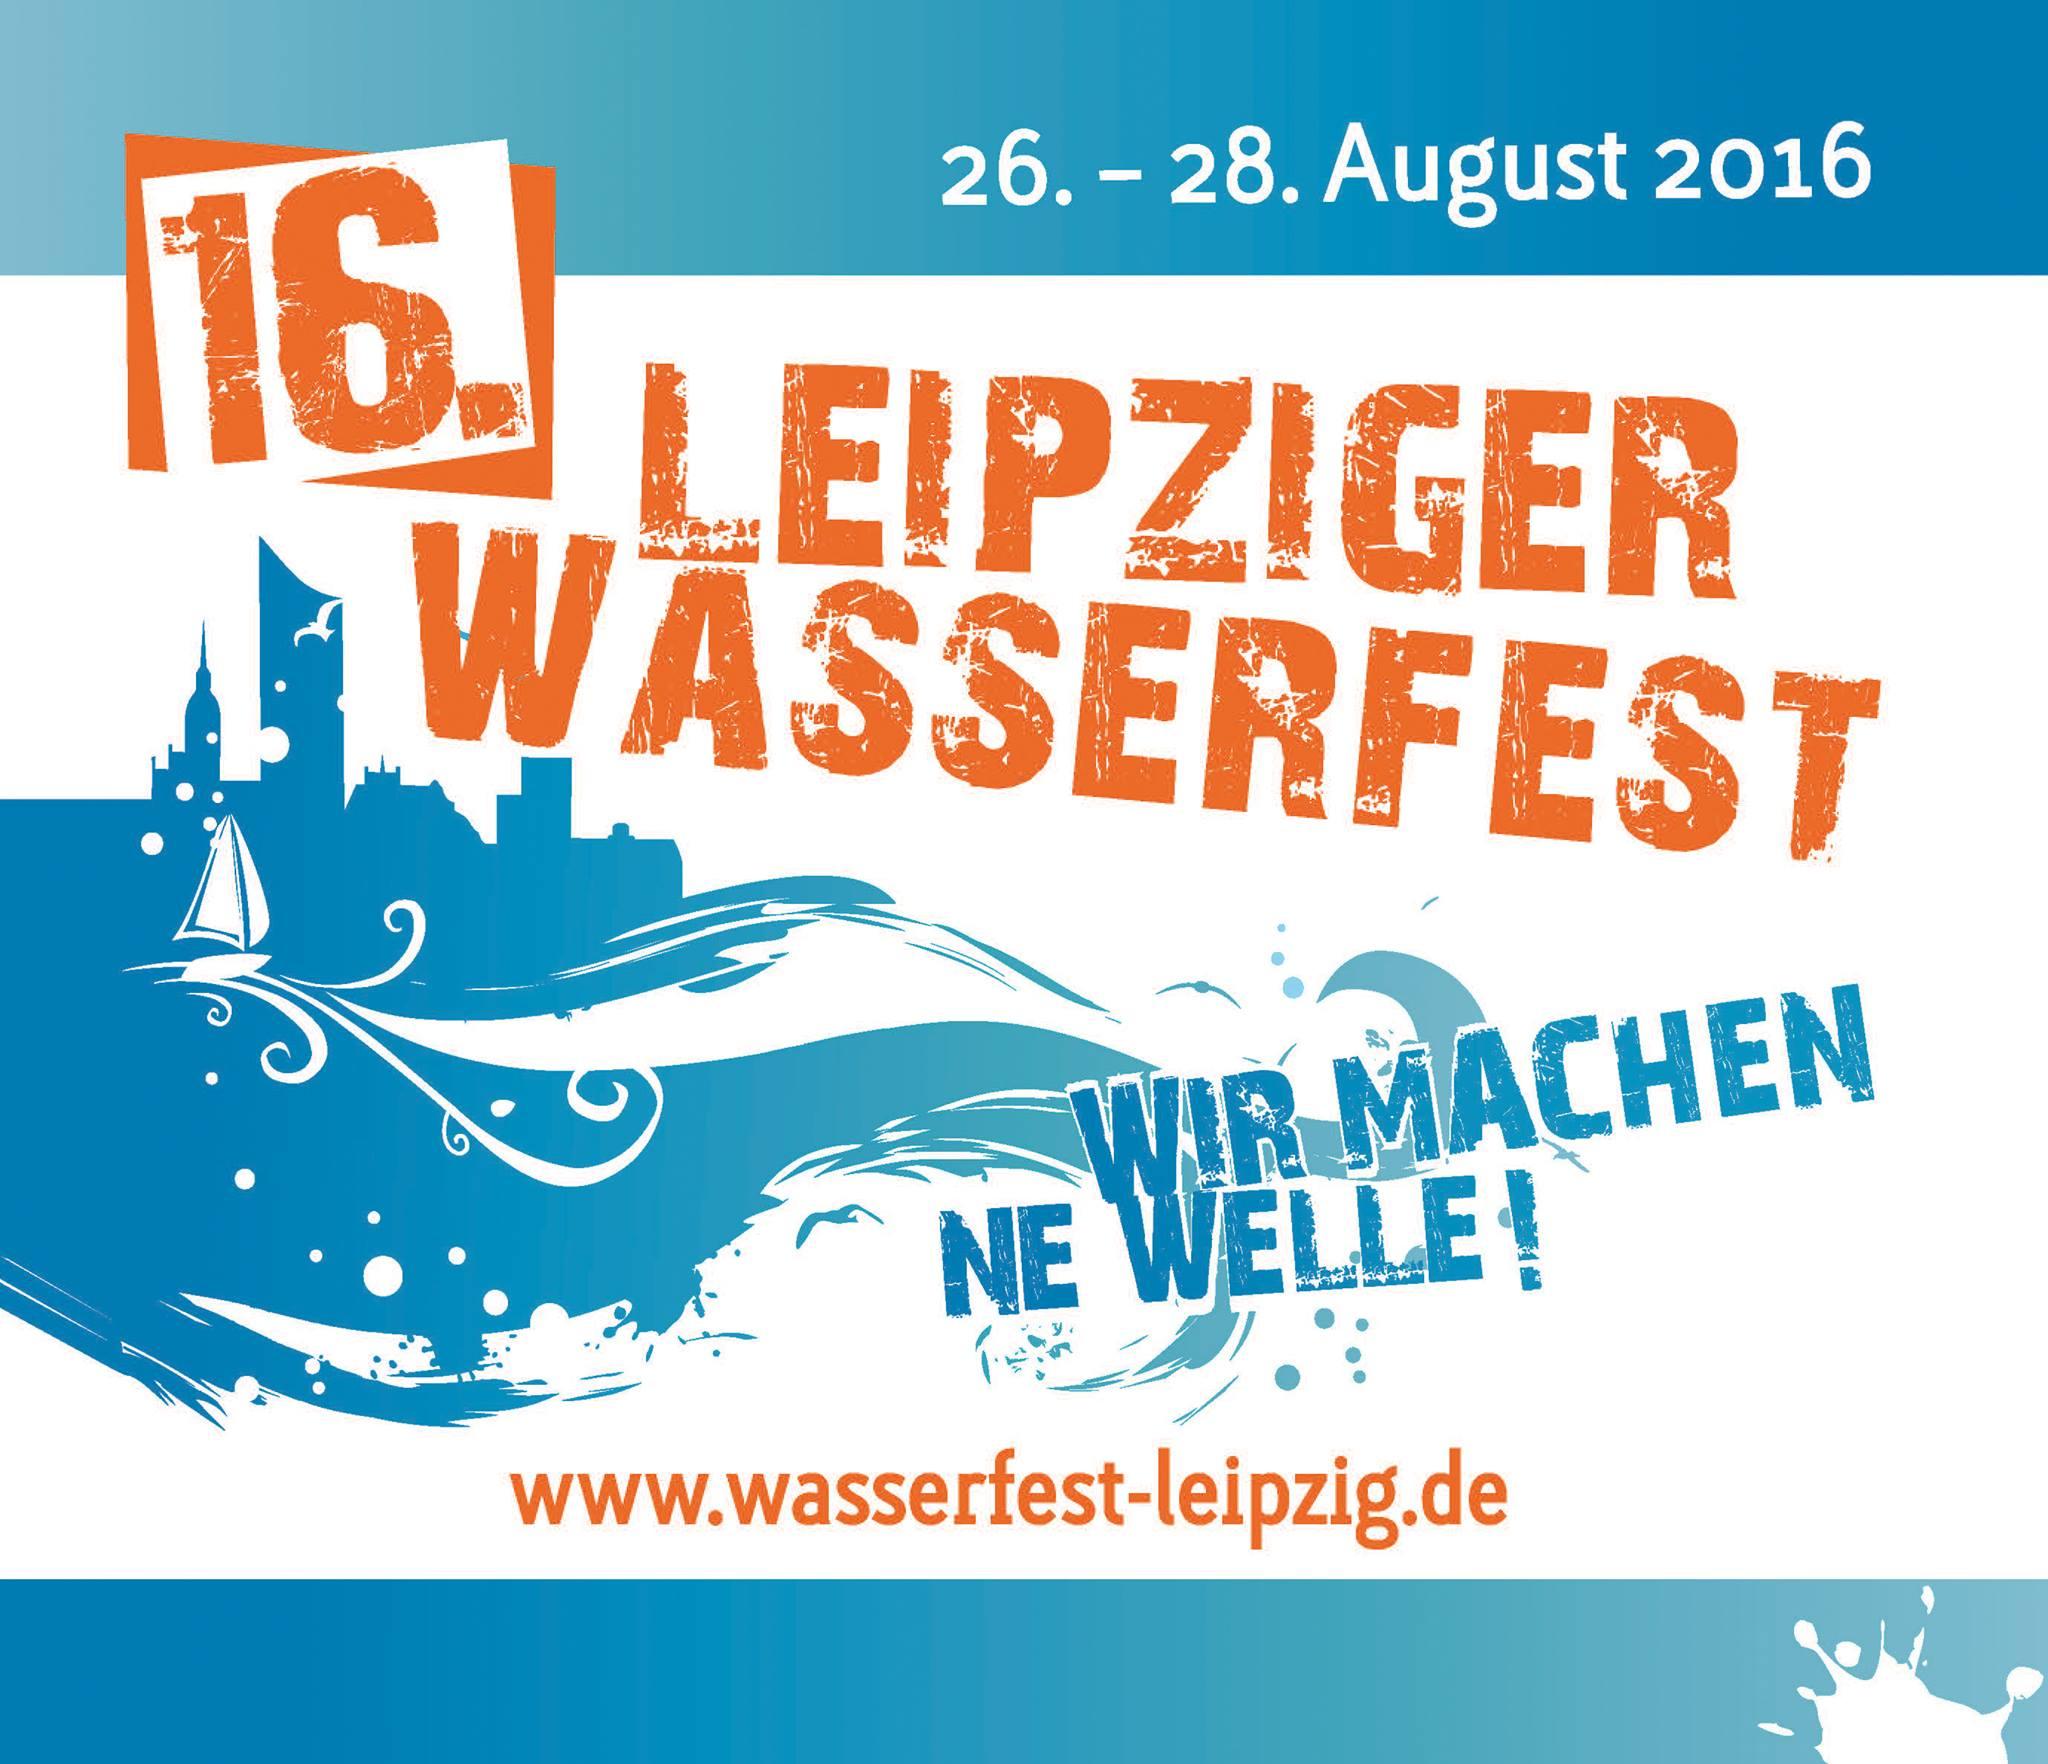 leipziger wasserfest 2016